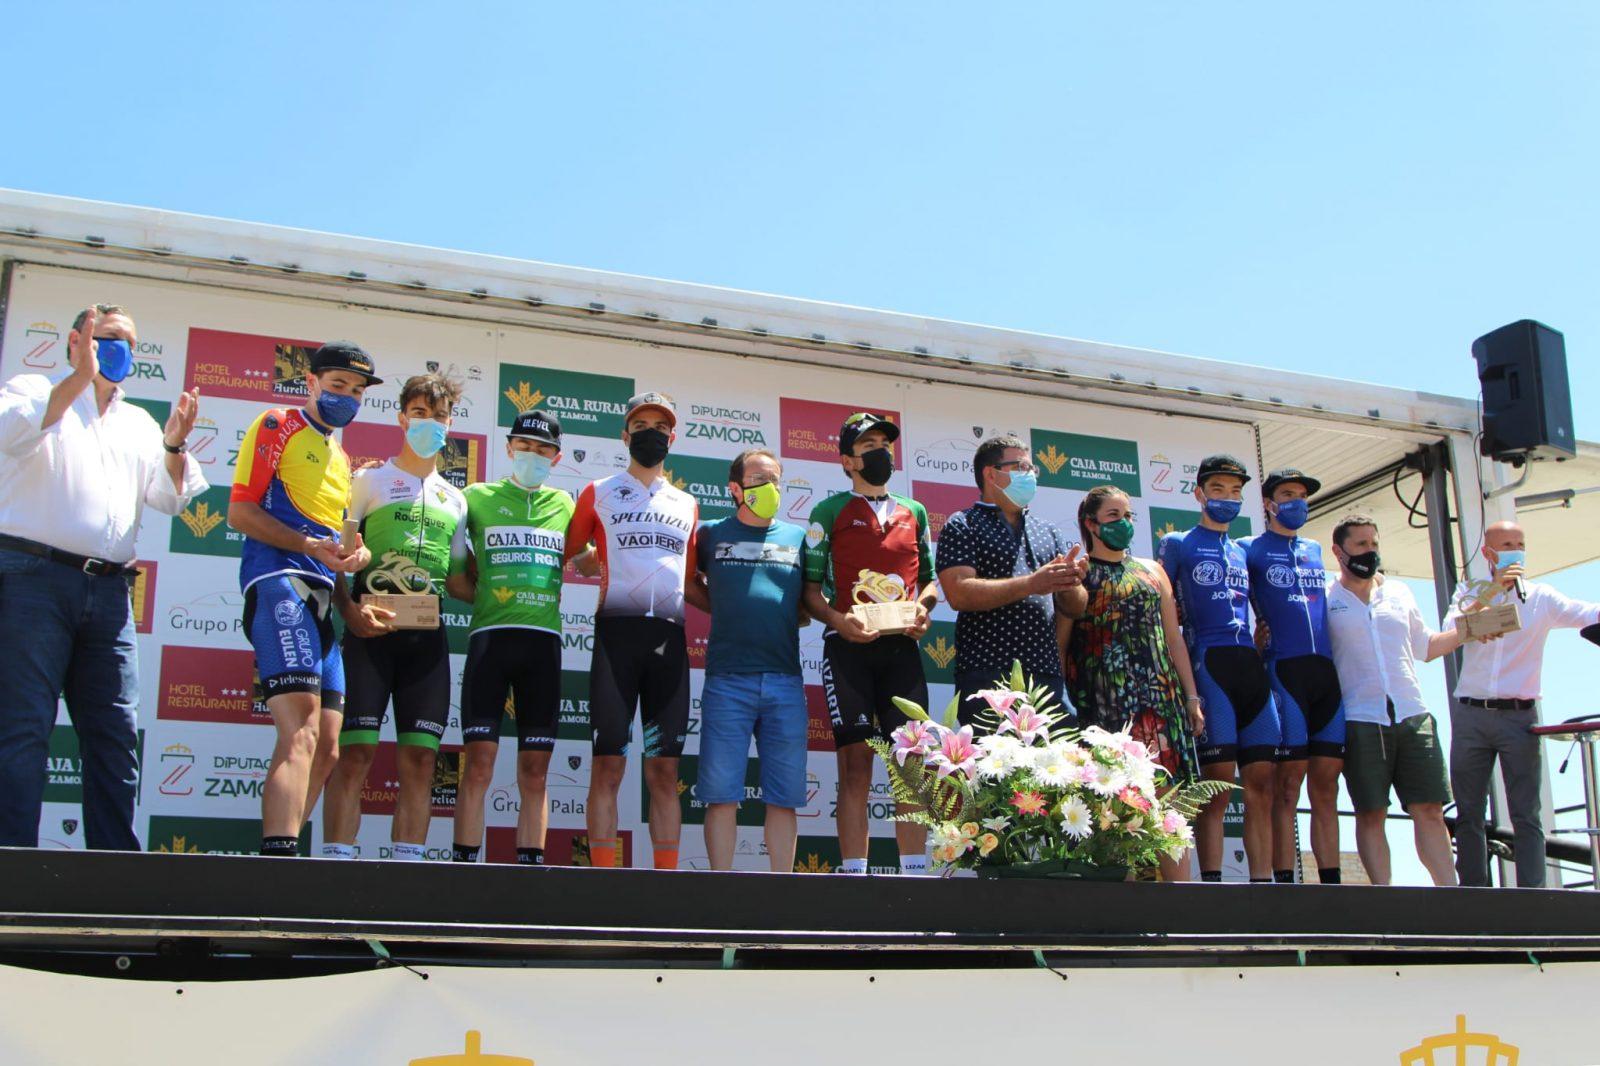 Podium final del Trofeo San José con Calum Johnston como vencedor (Foto: Fabio López-CDC Zamora-Ciclismo El Pelotón)